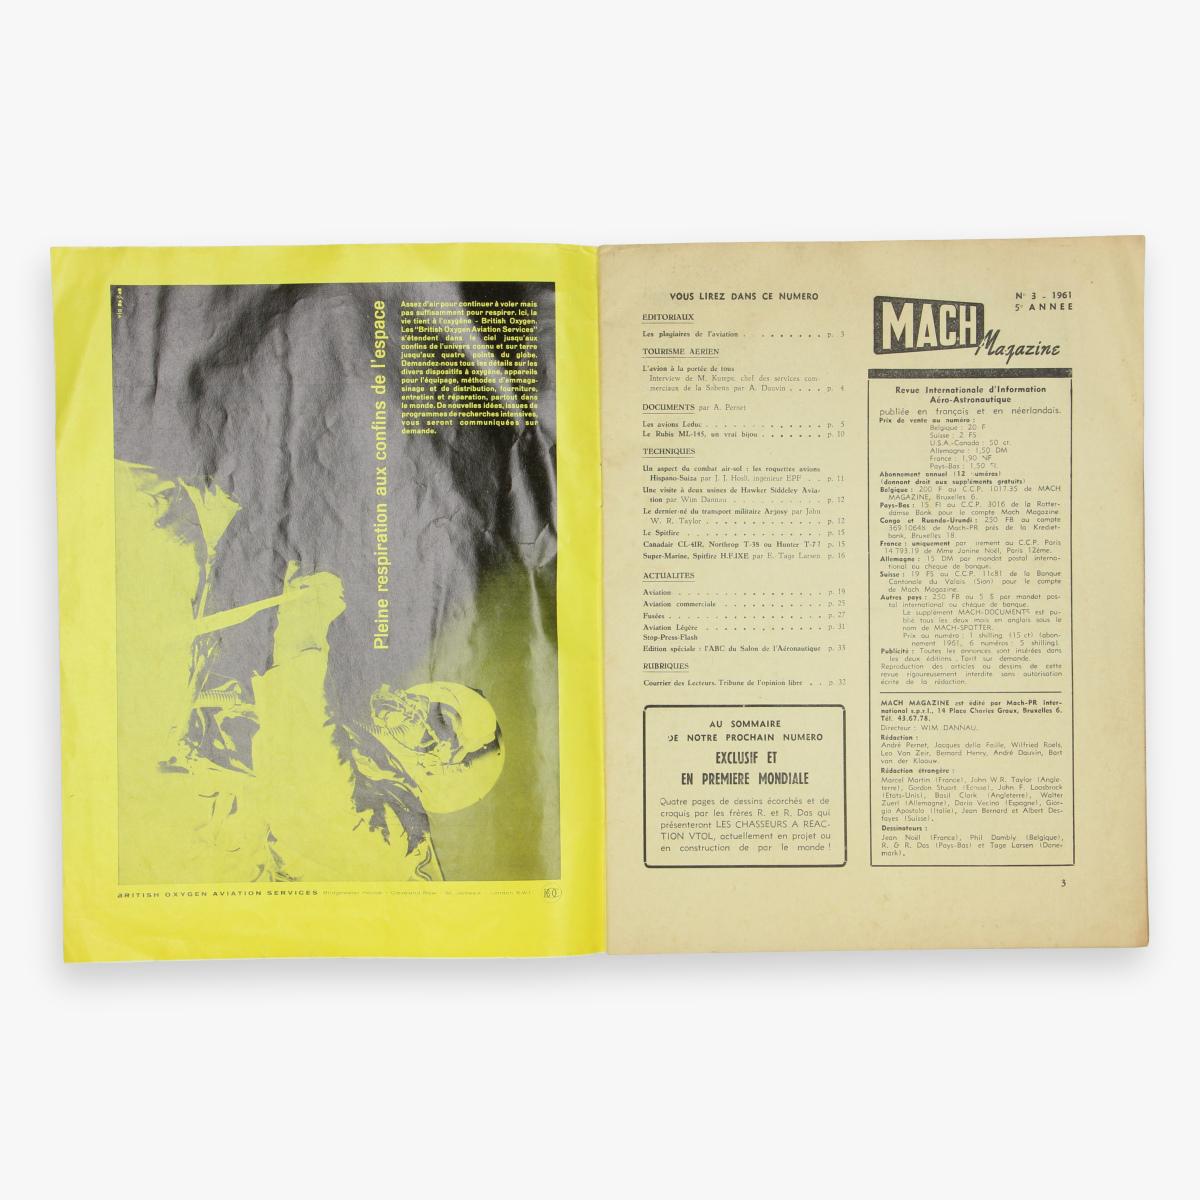 Afbeeldingen van luchtvaart mach magazine n°3 - 1961